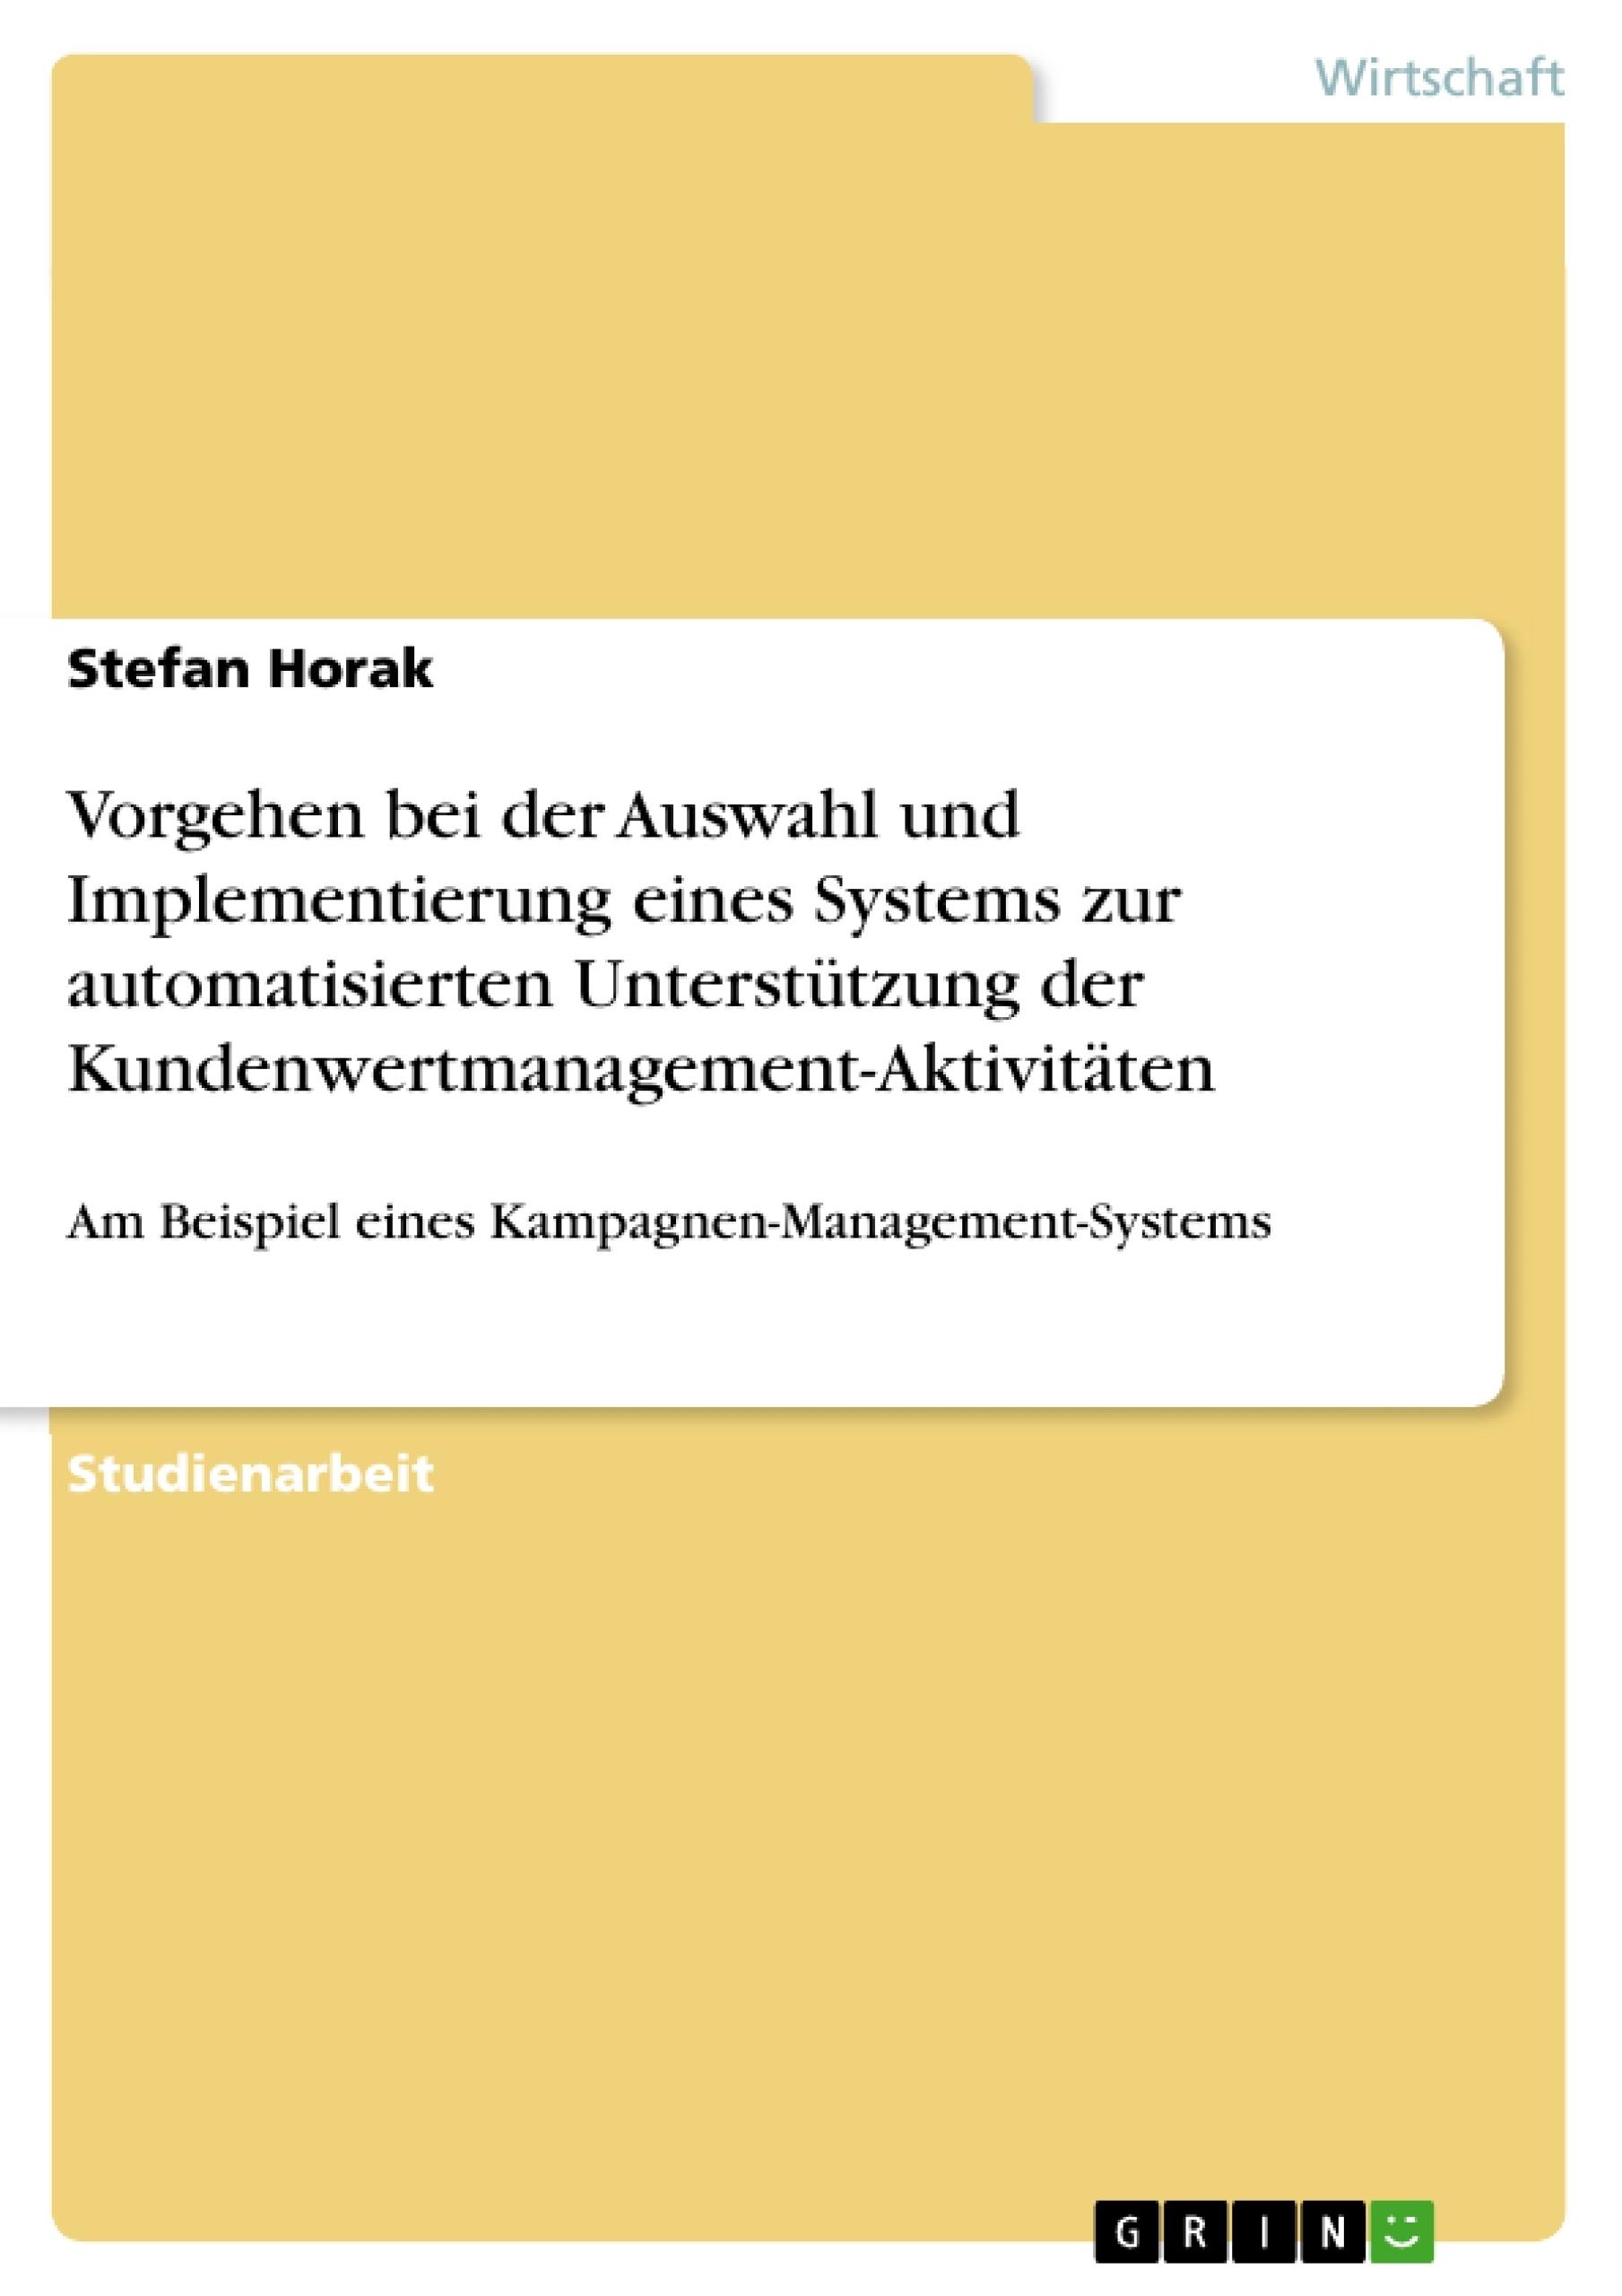 Titel: Vorgehen bei der Auswahl und Implementierung eines Systems zur automatisierten Unterstützung der Kundenwertmanagement-Aktivitäten